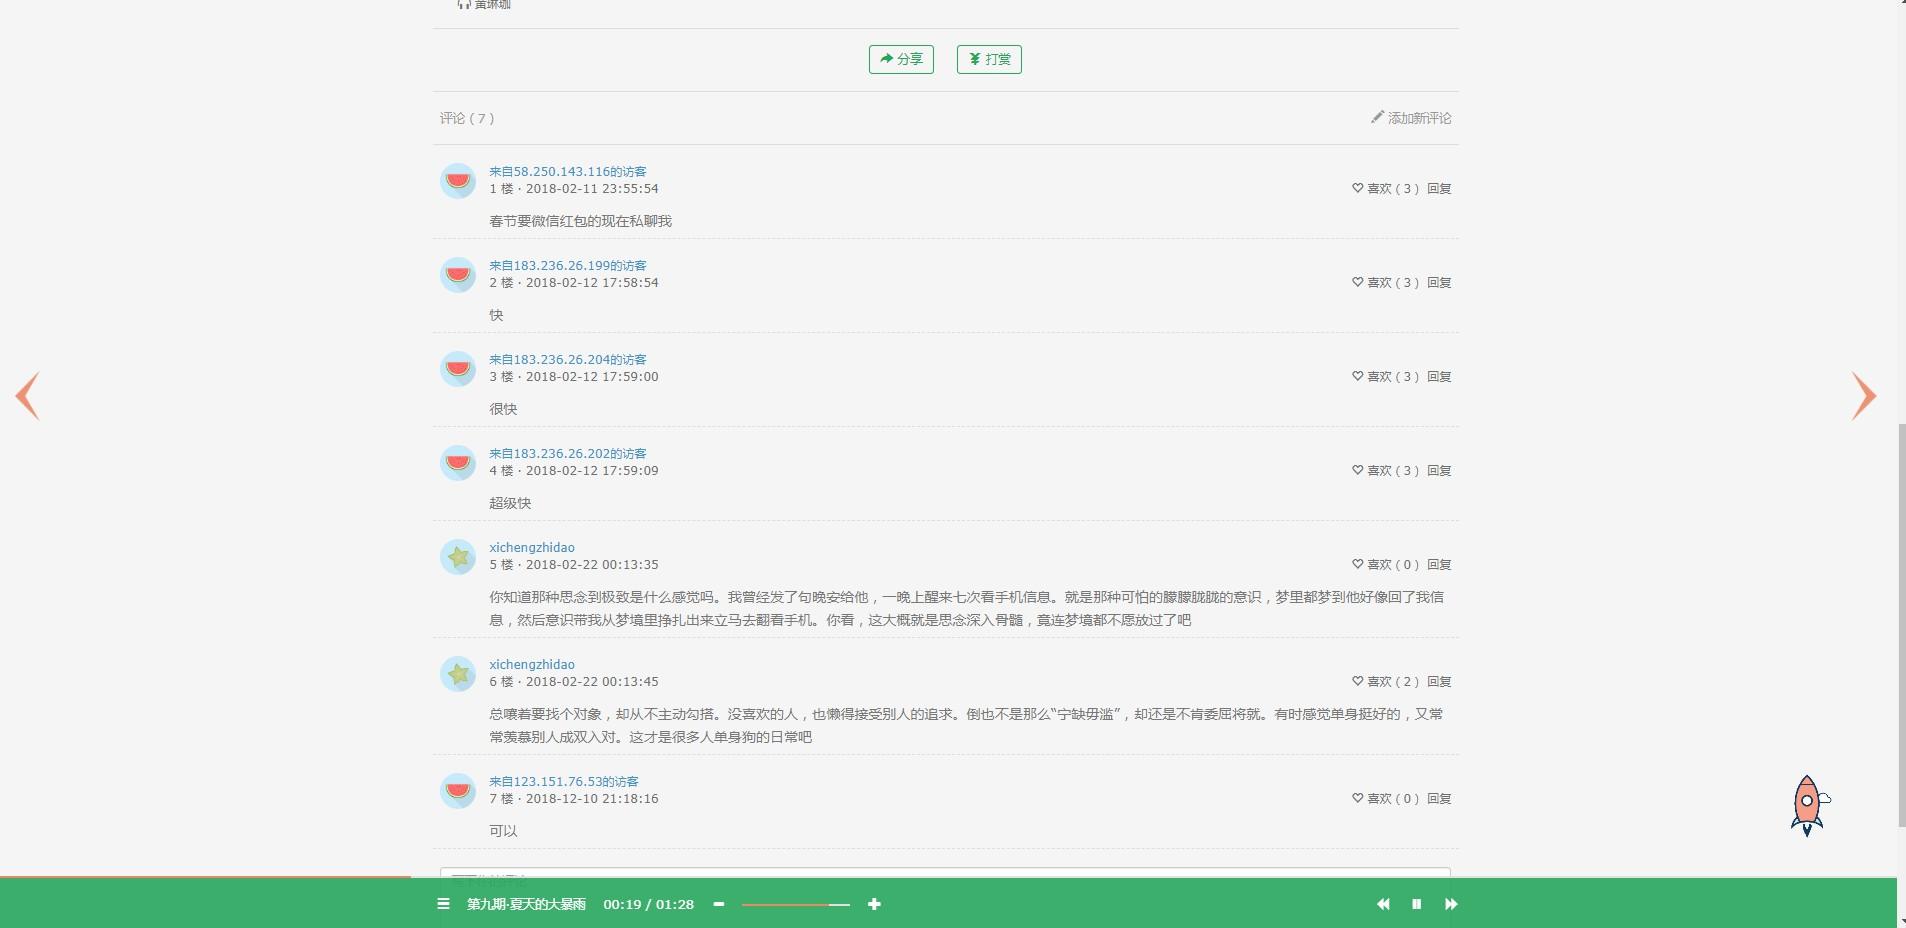 西西音乐电台 xixi FM v 2.2源码下载